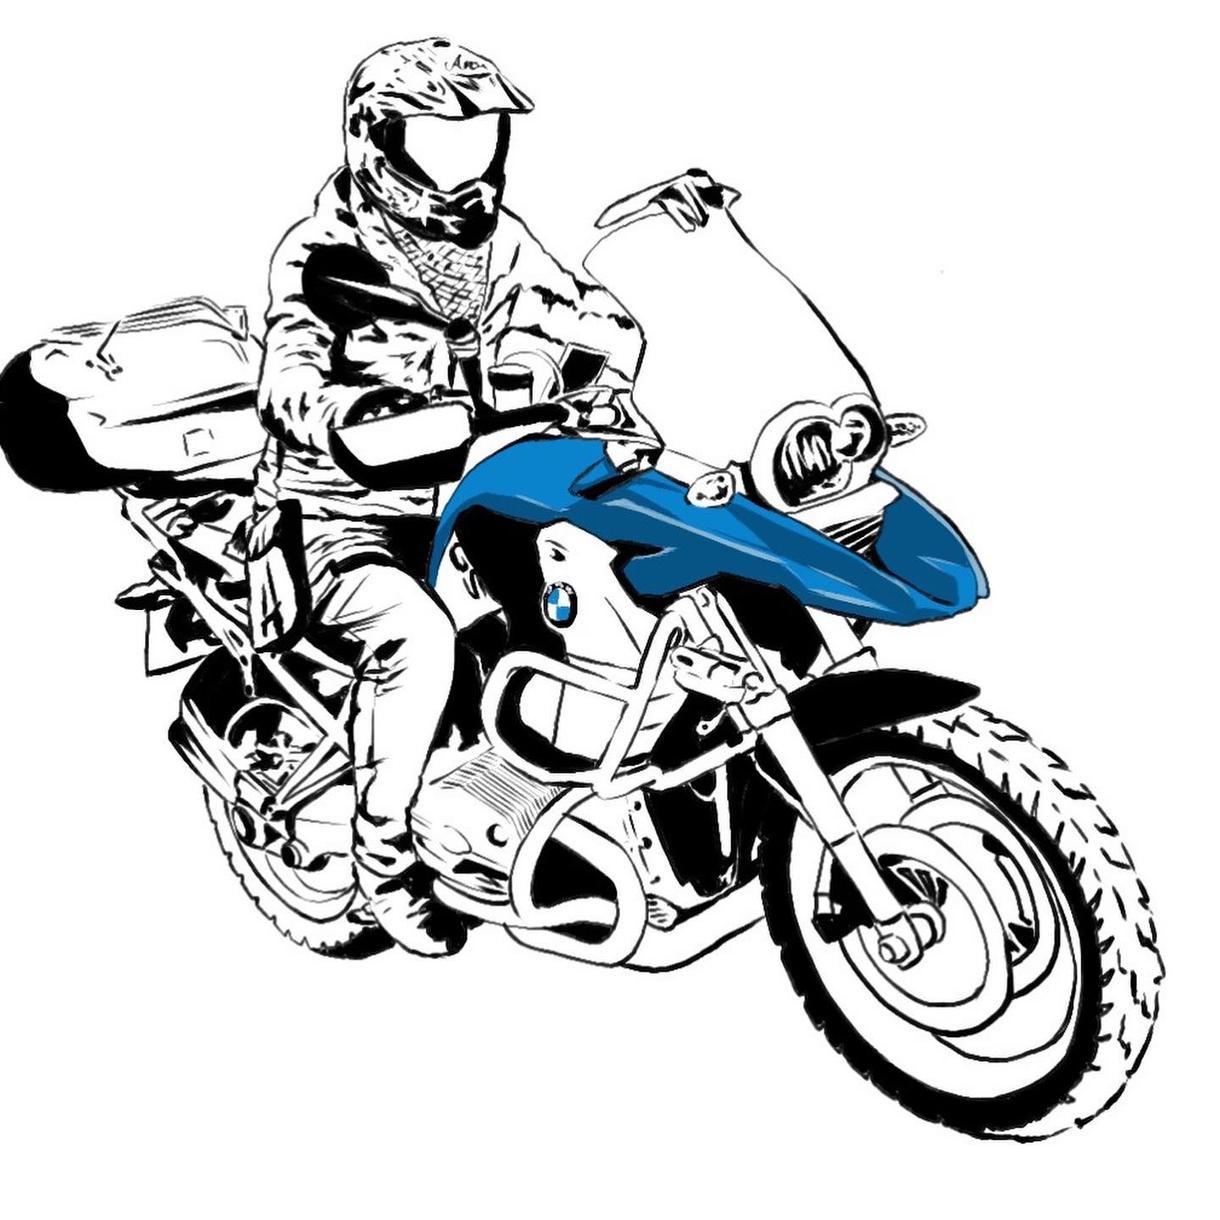 ライダーさんのイラストをバイク付きで描きます 写真をいただけたらデジタル手描きでイラストを描きます! イメージ1